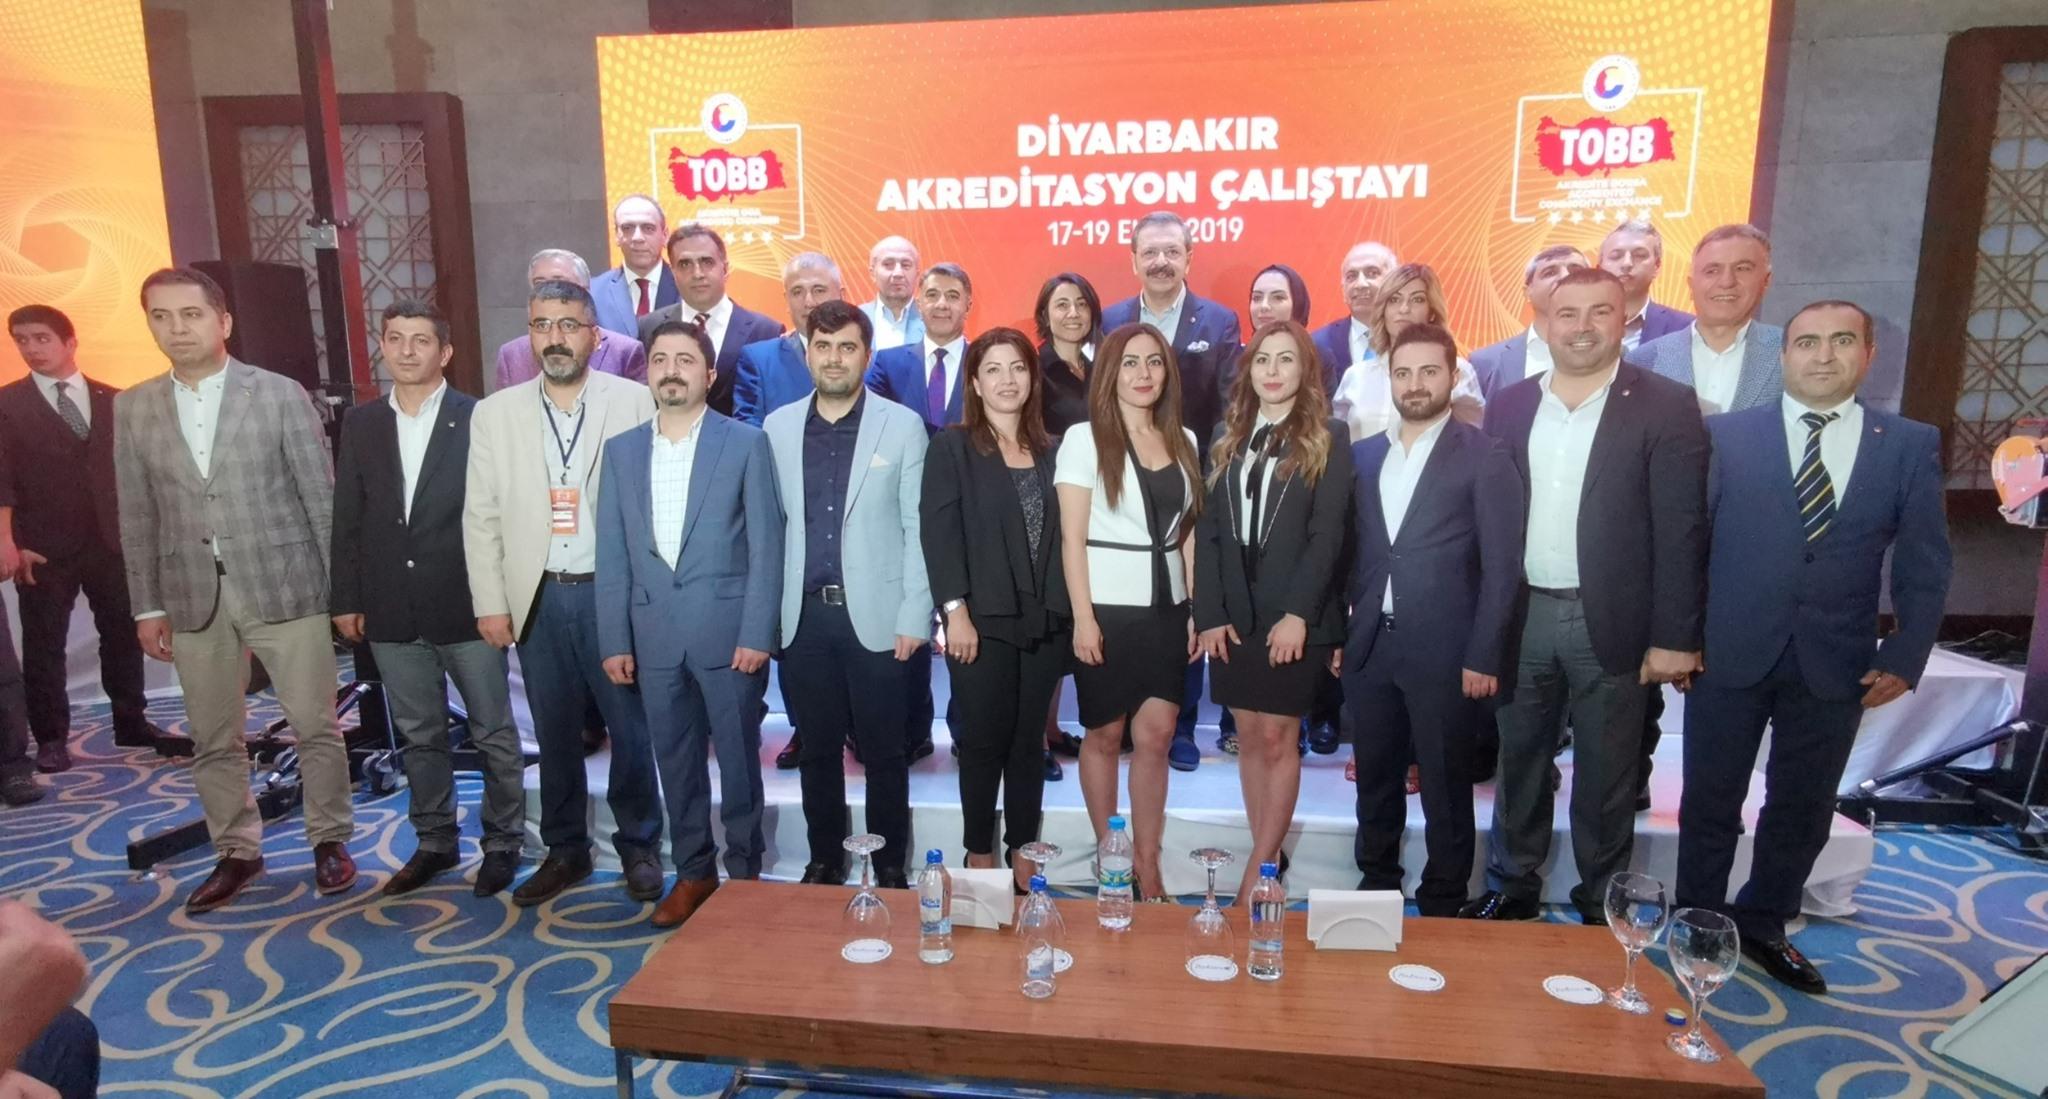 Diyarbakır'da konuşan Hisarcıklıoğlu: Kendimizi dönüştürmek zorundayız